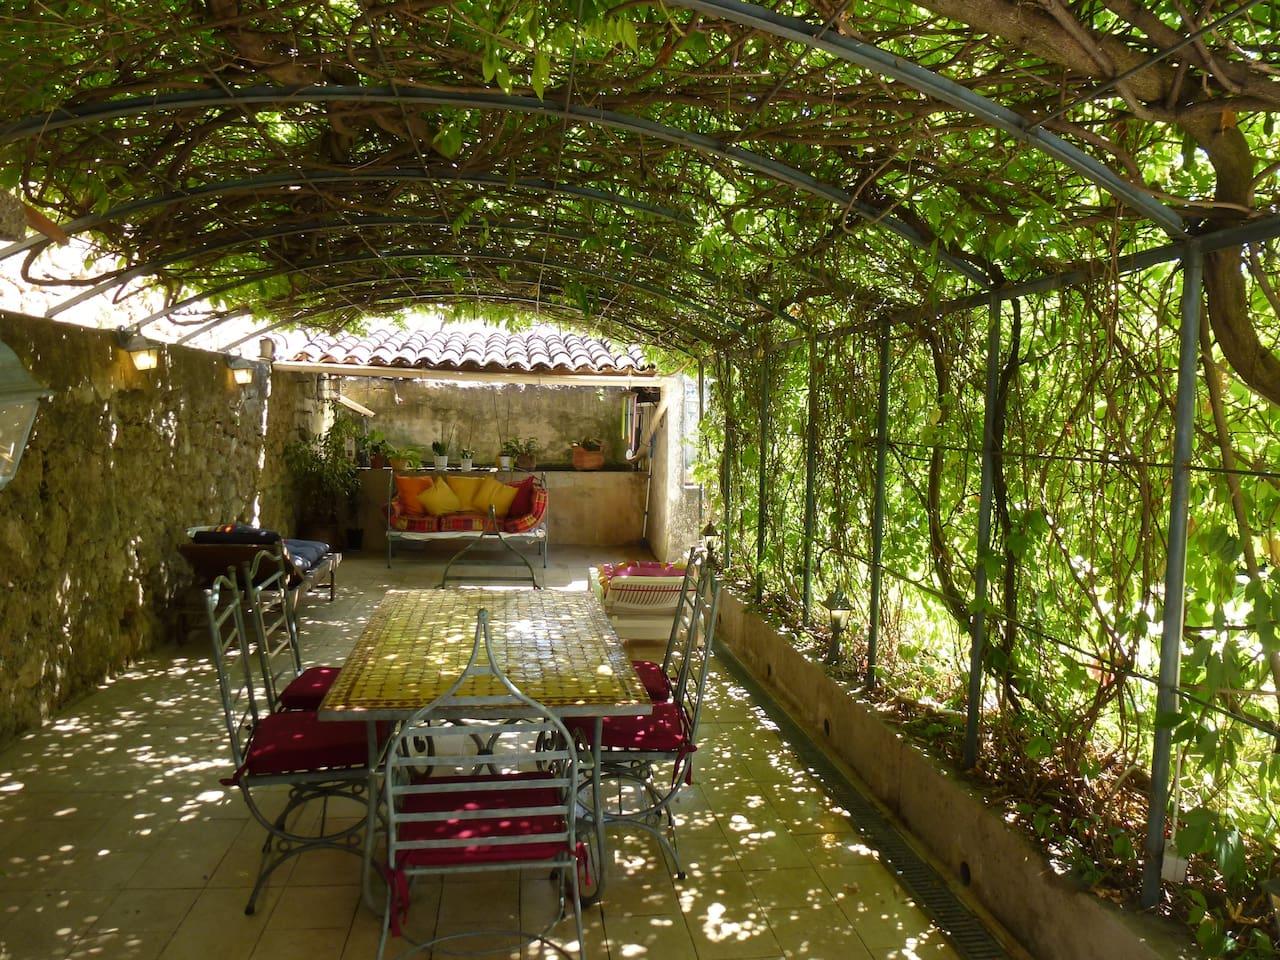 terrasse ombragée où prendre les repas